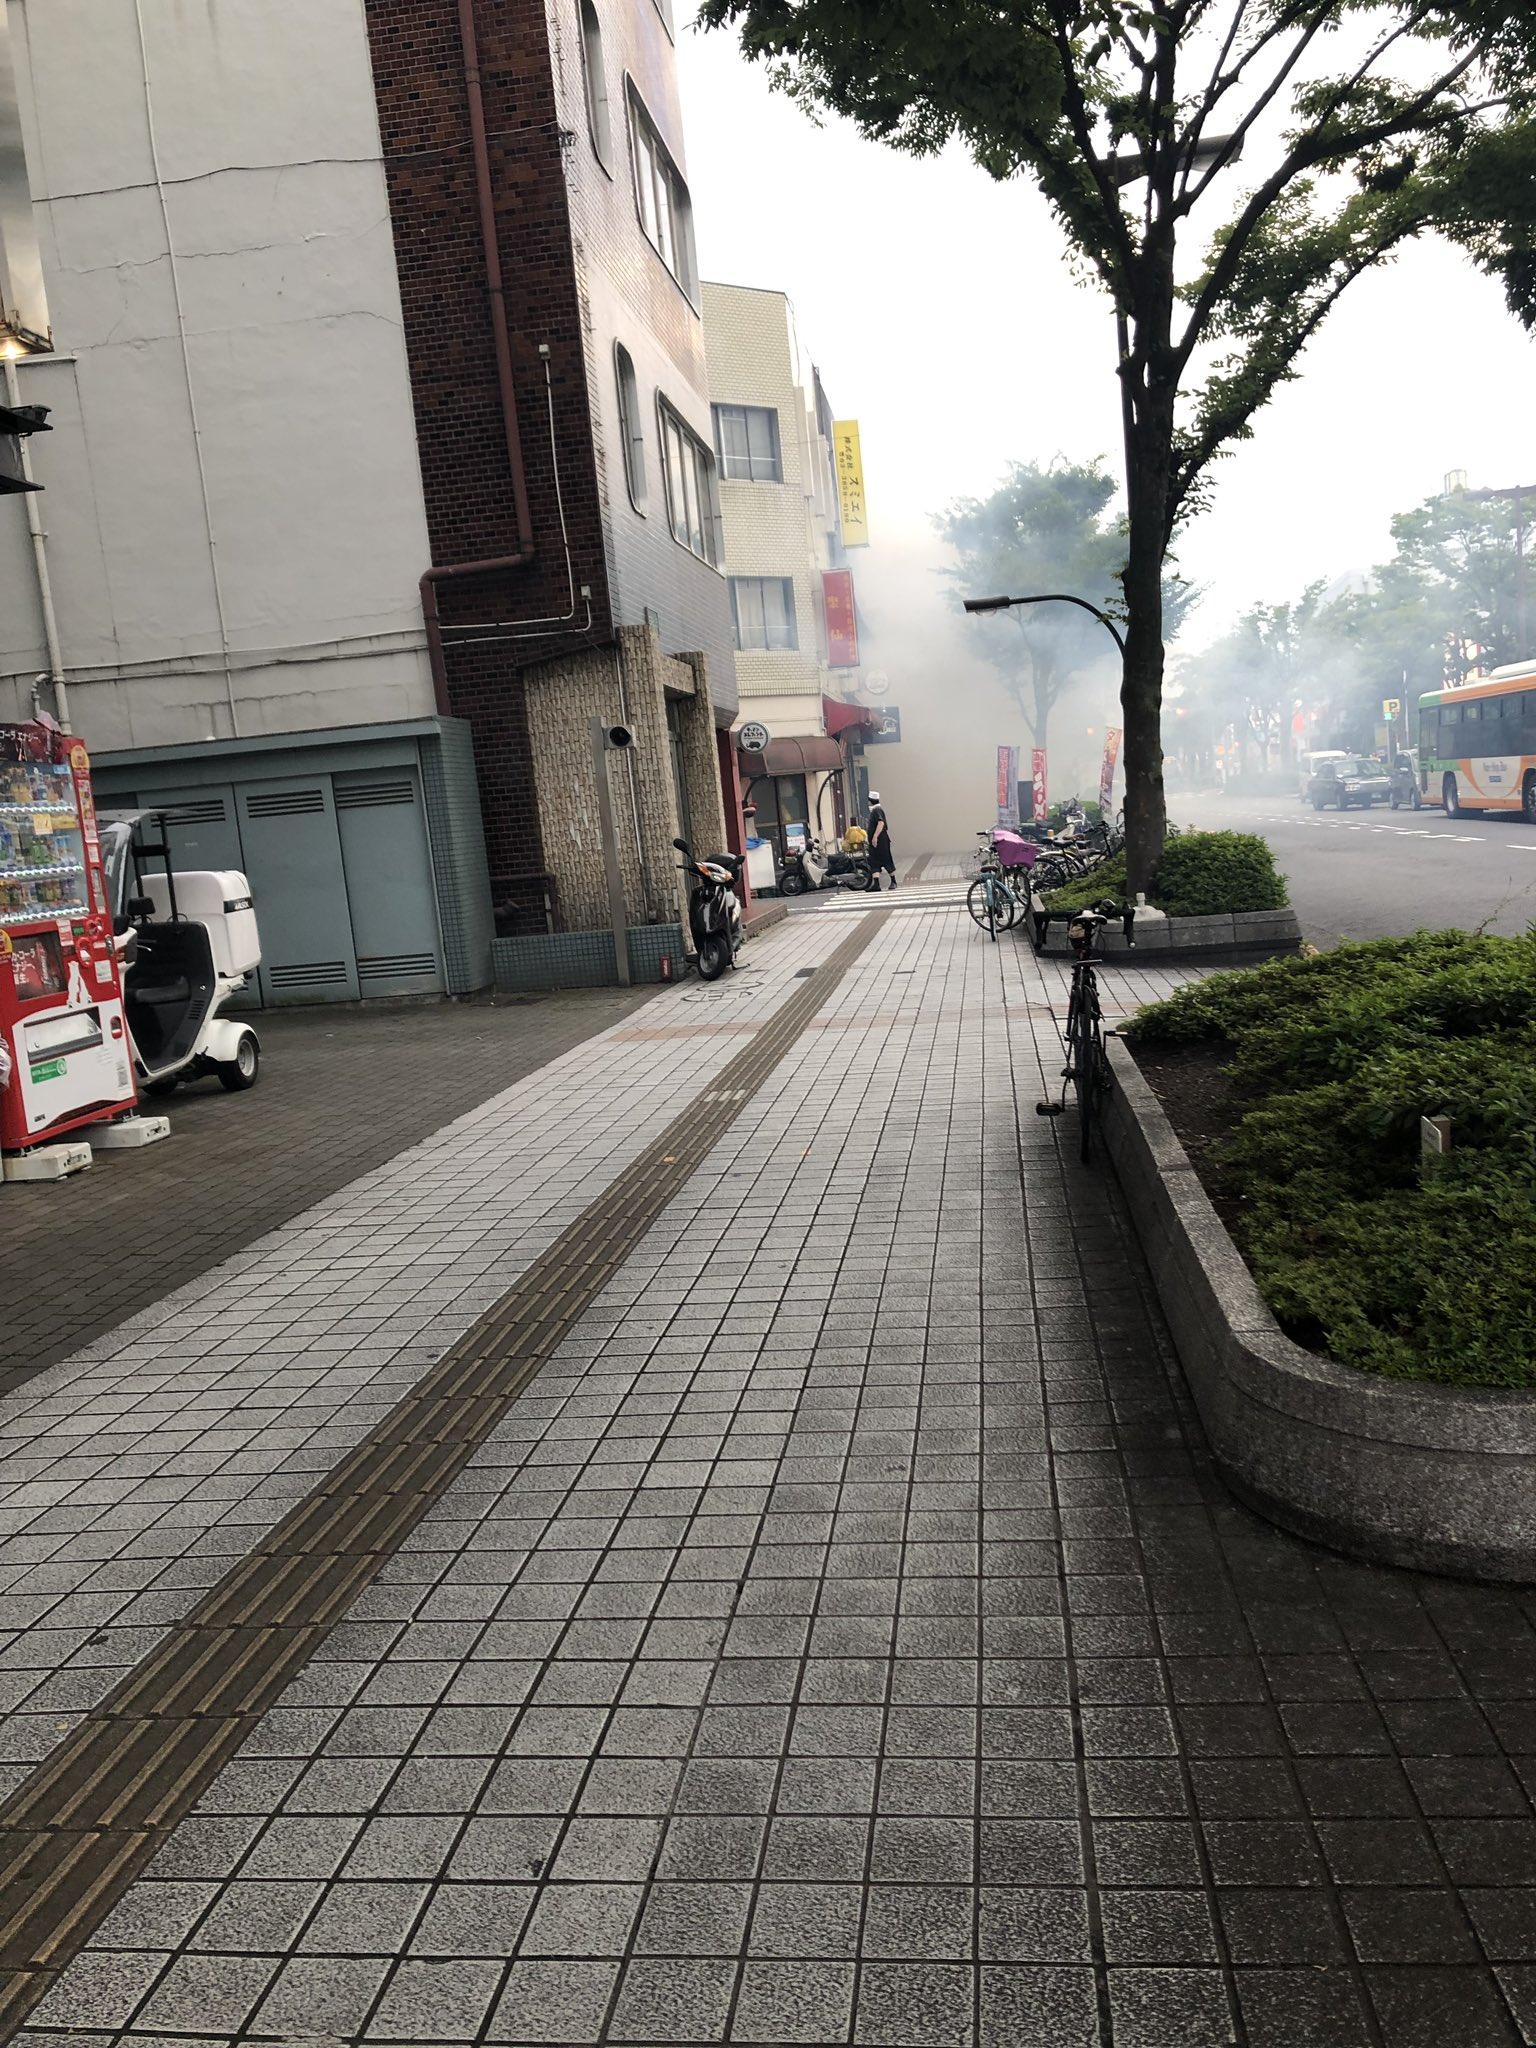 画像,竹ノ塚の大関東?みたいなとこから煙笑笑 https://t.co/DwOaTc9TPZ。